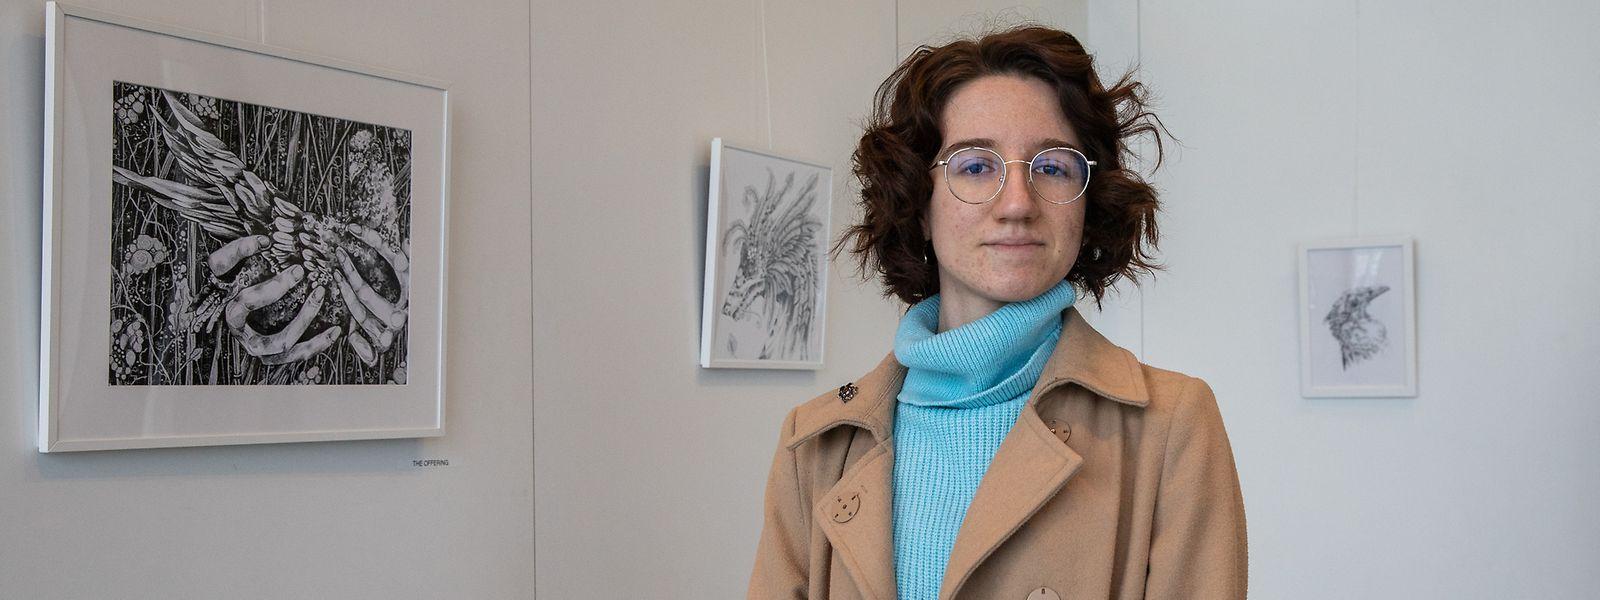 Des mathématiques au dessin, Jilly Kevo affiche une double passion.